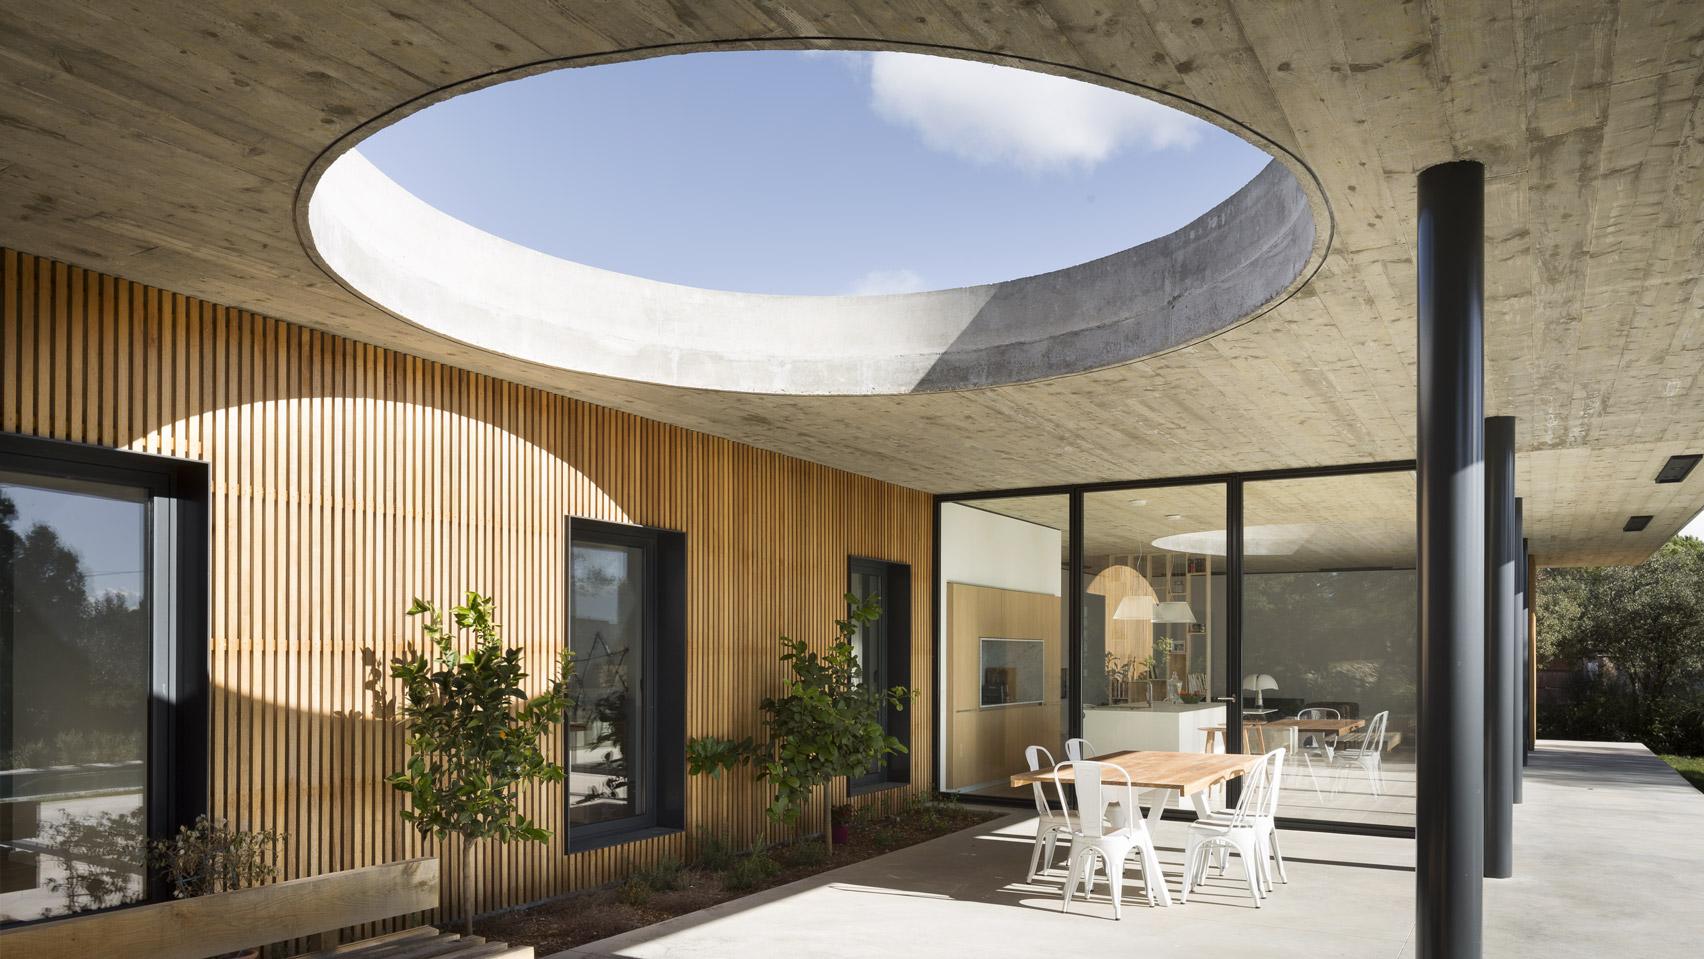 nhà 2 tầng kiến trúc Pháp 1